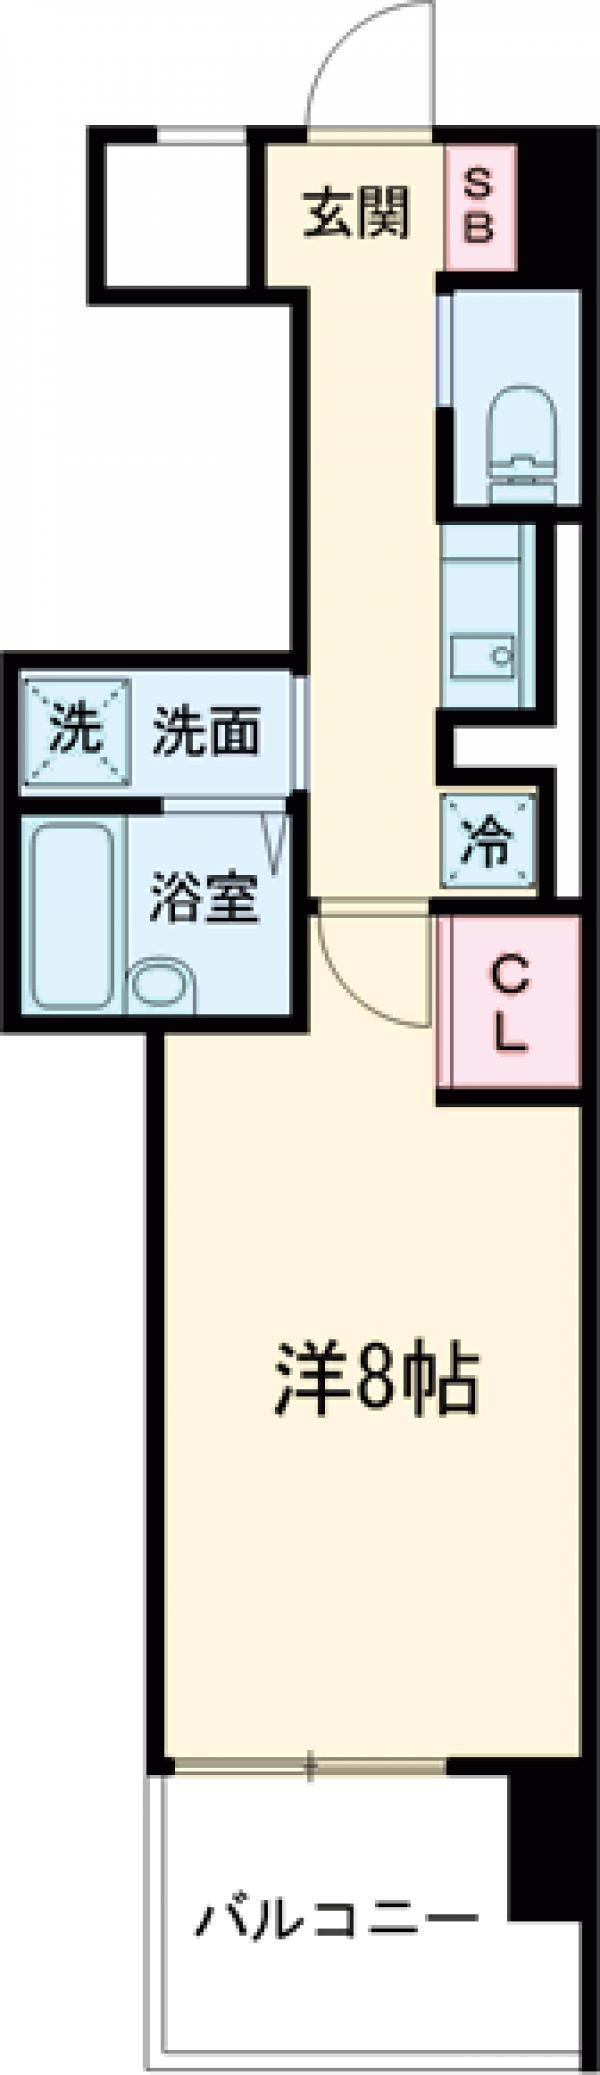 イーストガーデンリバーサイド町田・703号室の間取り